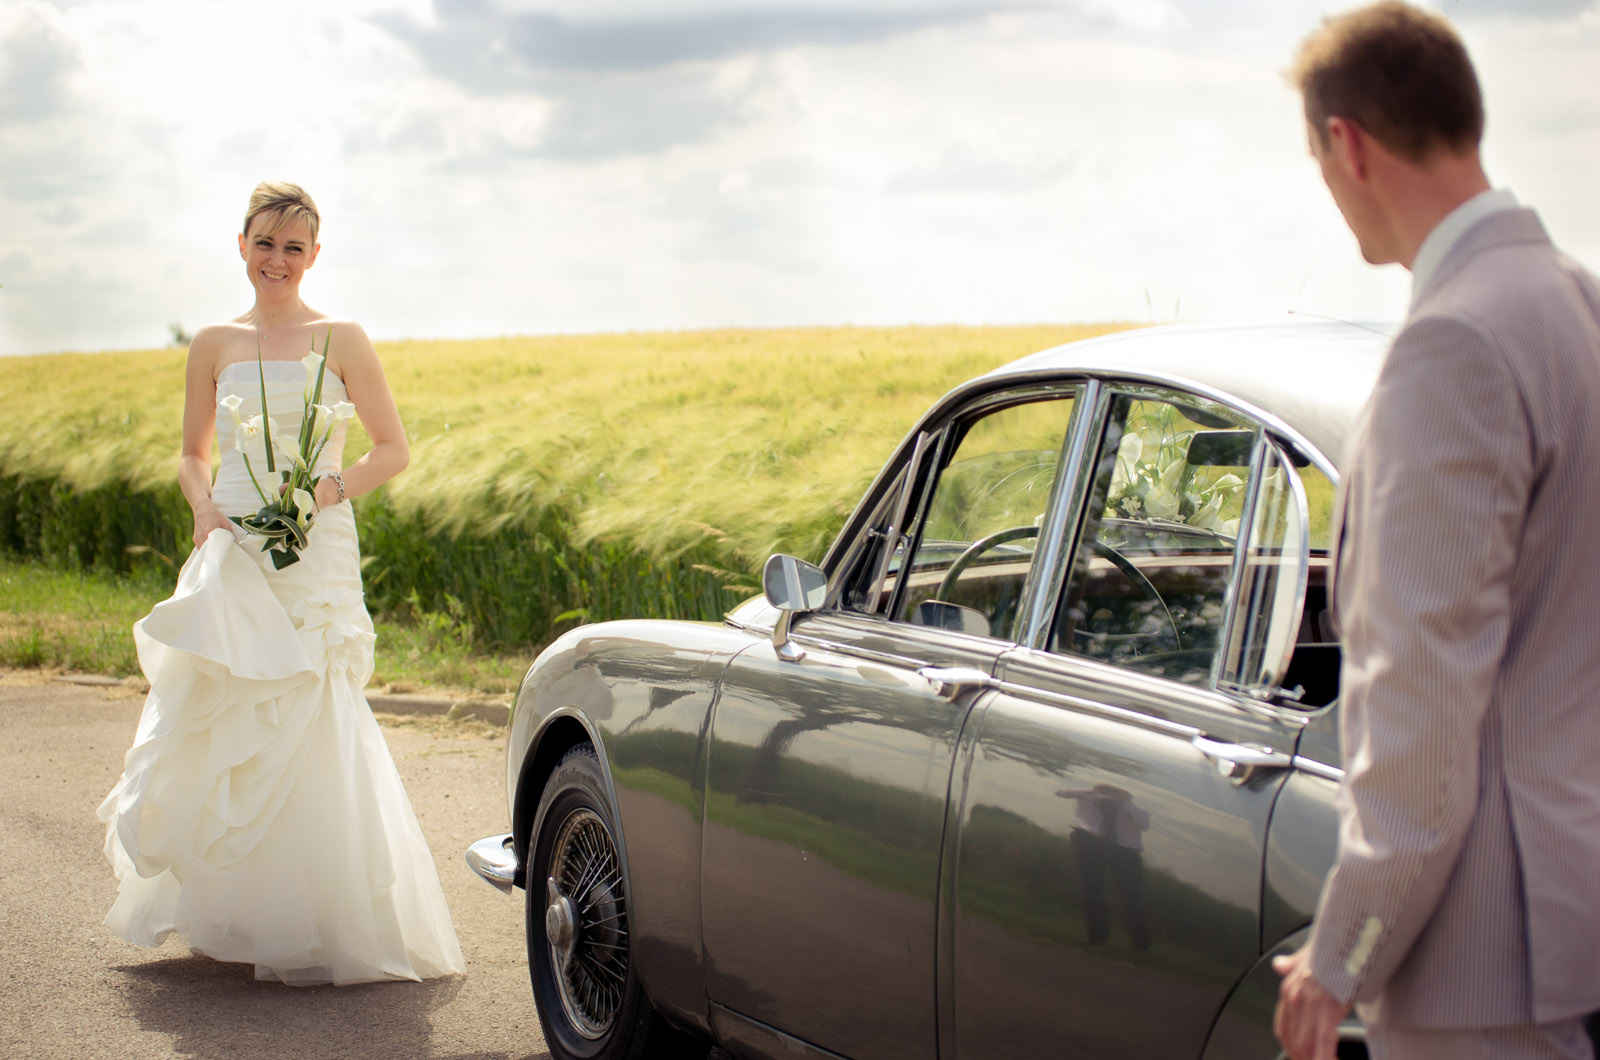 Photographe de mariage discrète pour Carine et Stéphane